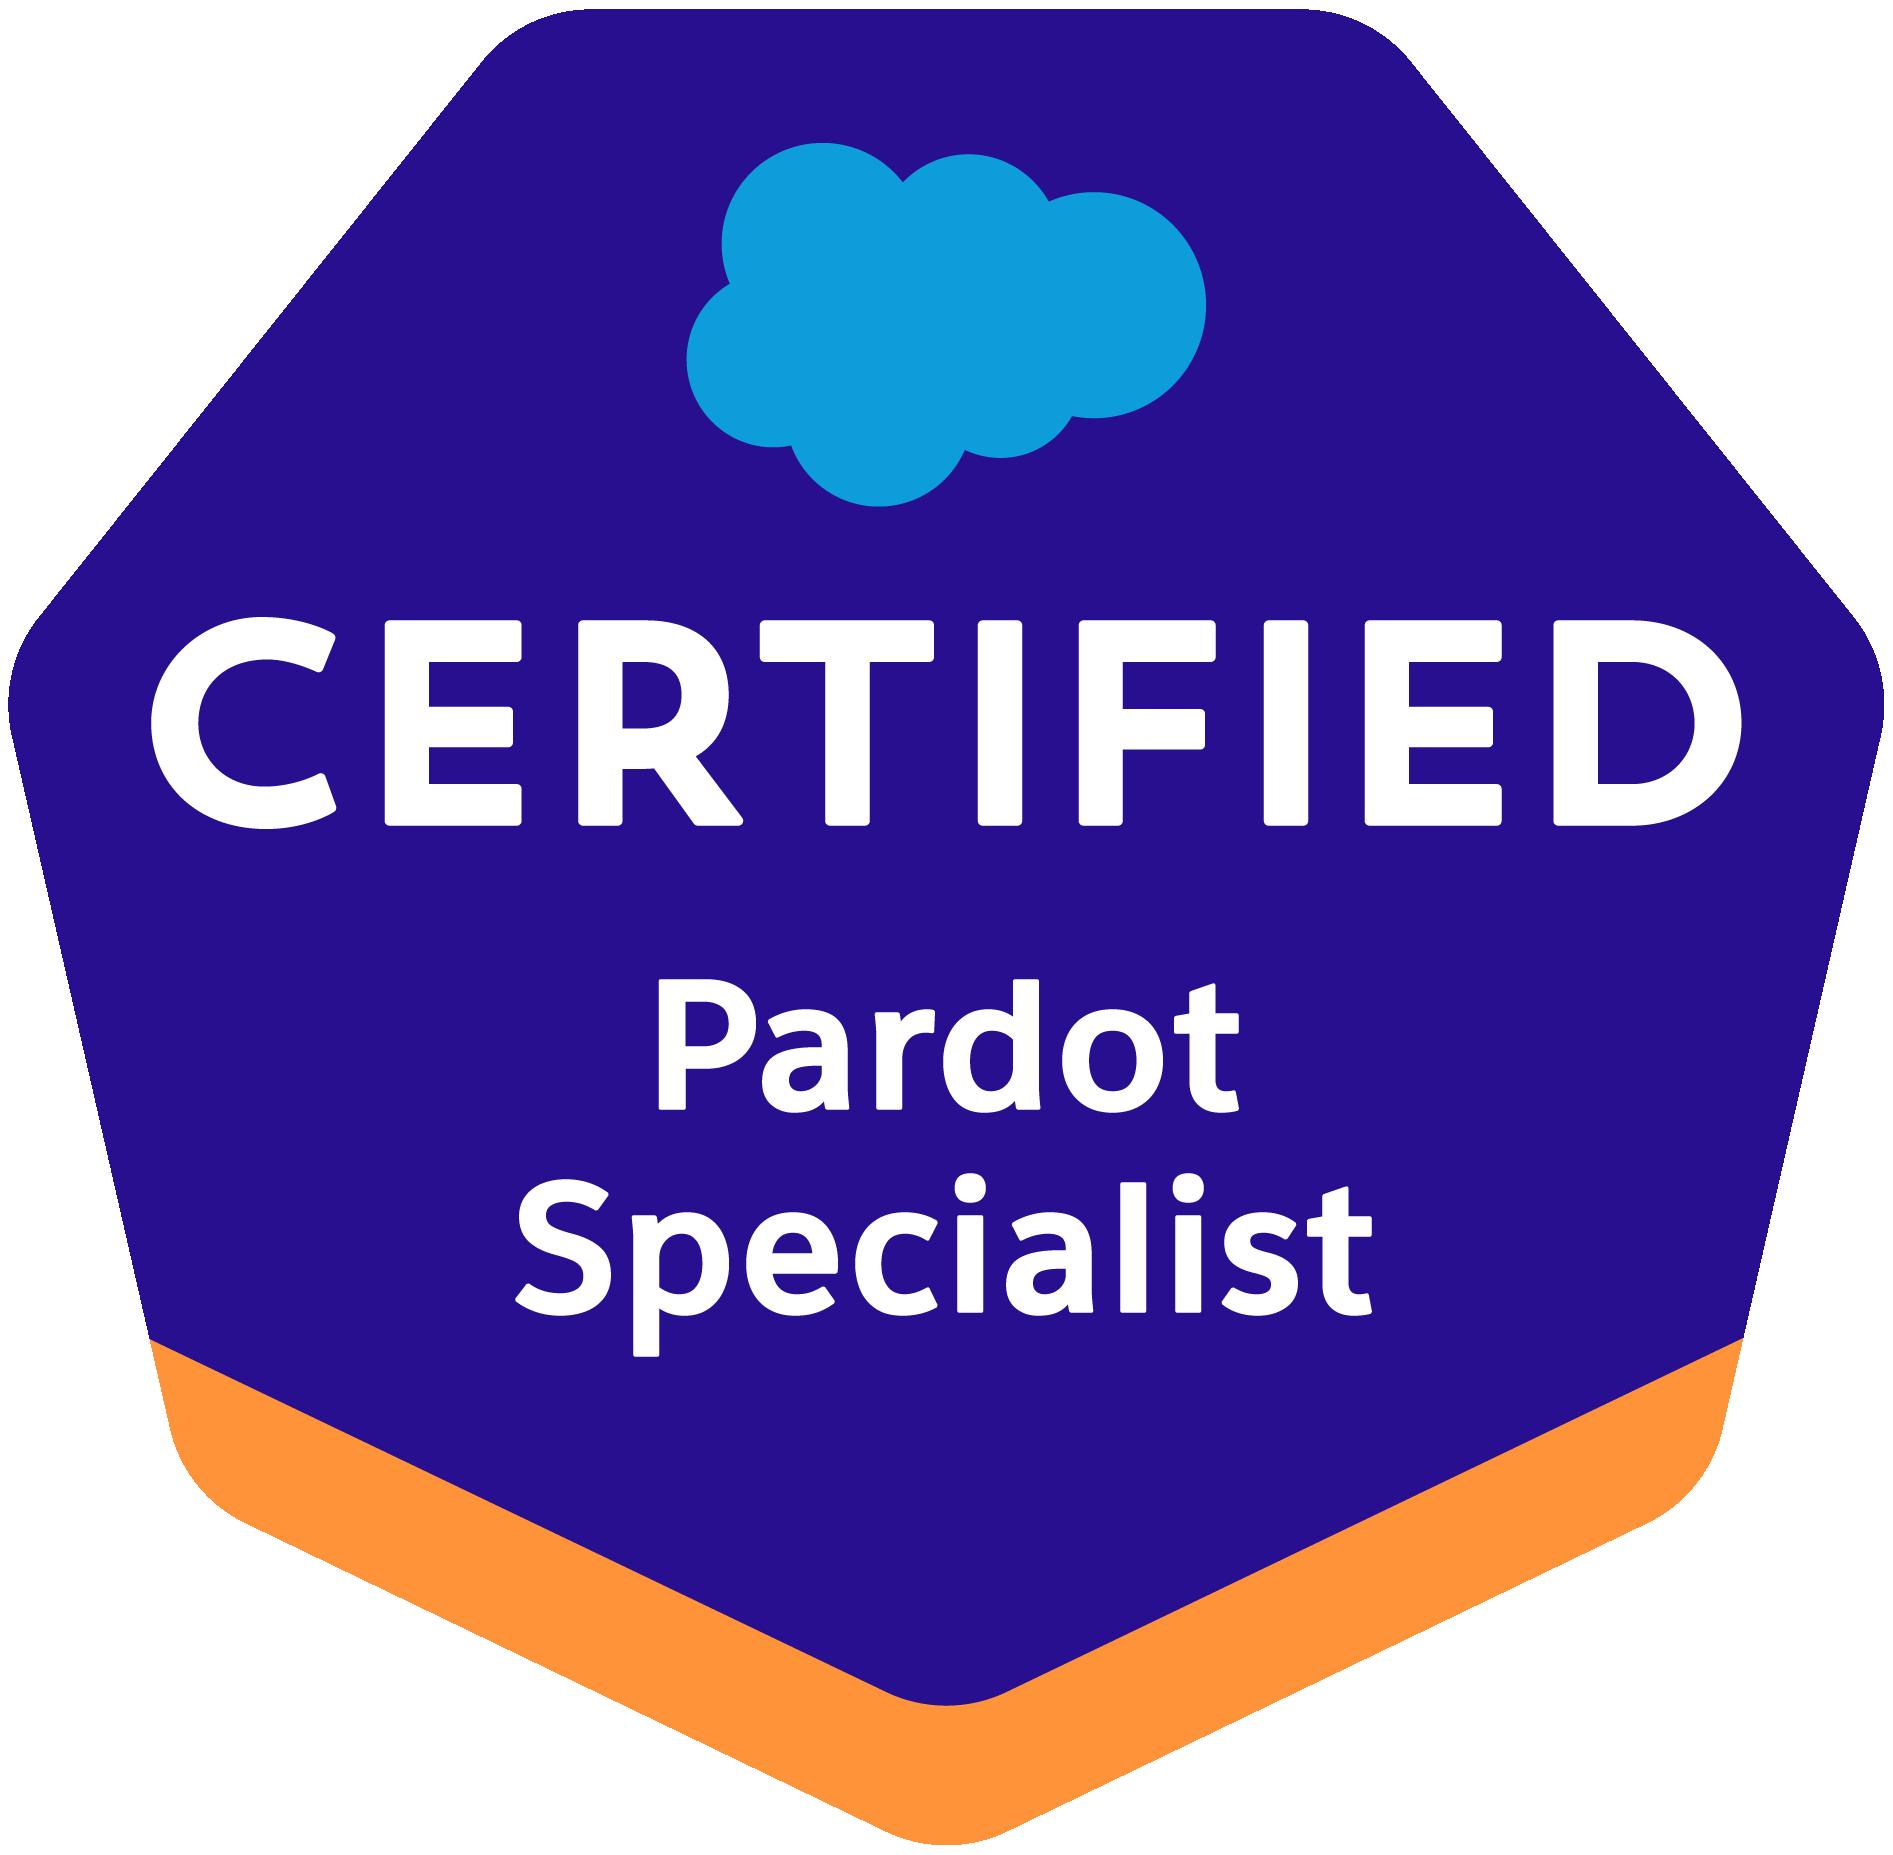 Logo SF-Certified_Pardot-Specialist